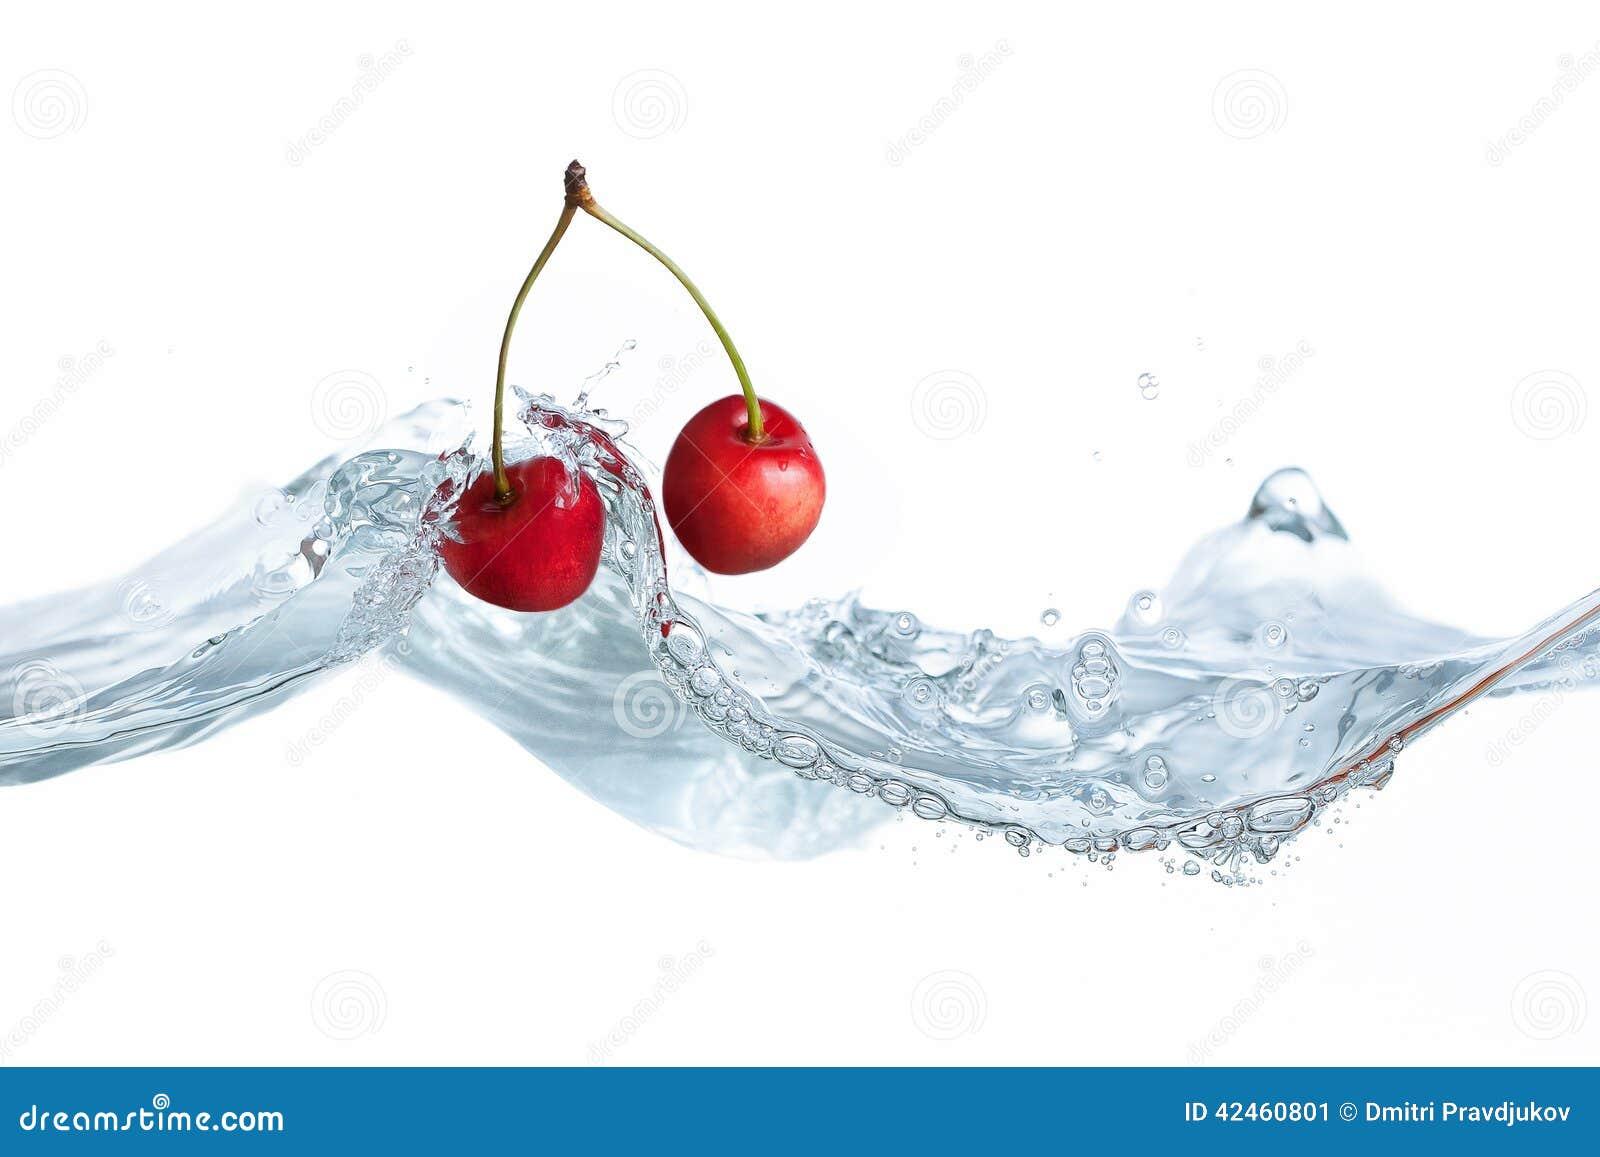 Kirsche fiel in Wasserspritzen